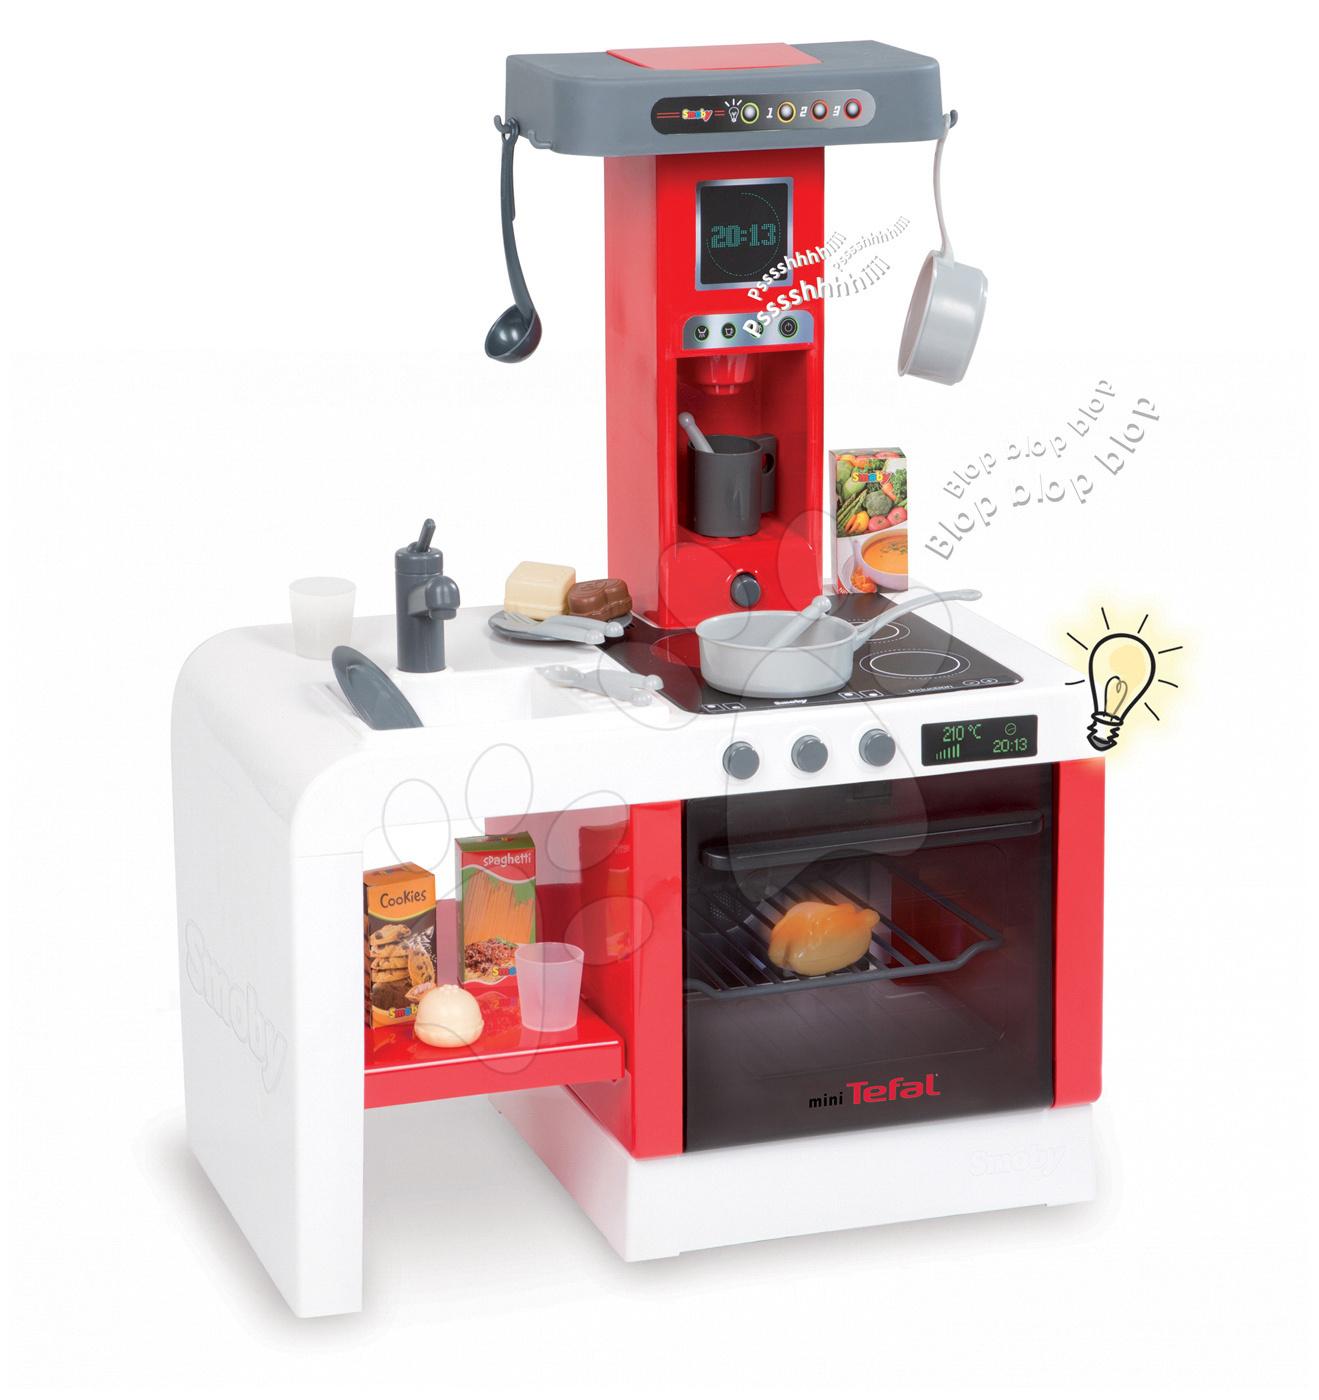 Smoby kuchynka pre deti Cheftronic Tefal 24114 červeno-biela